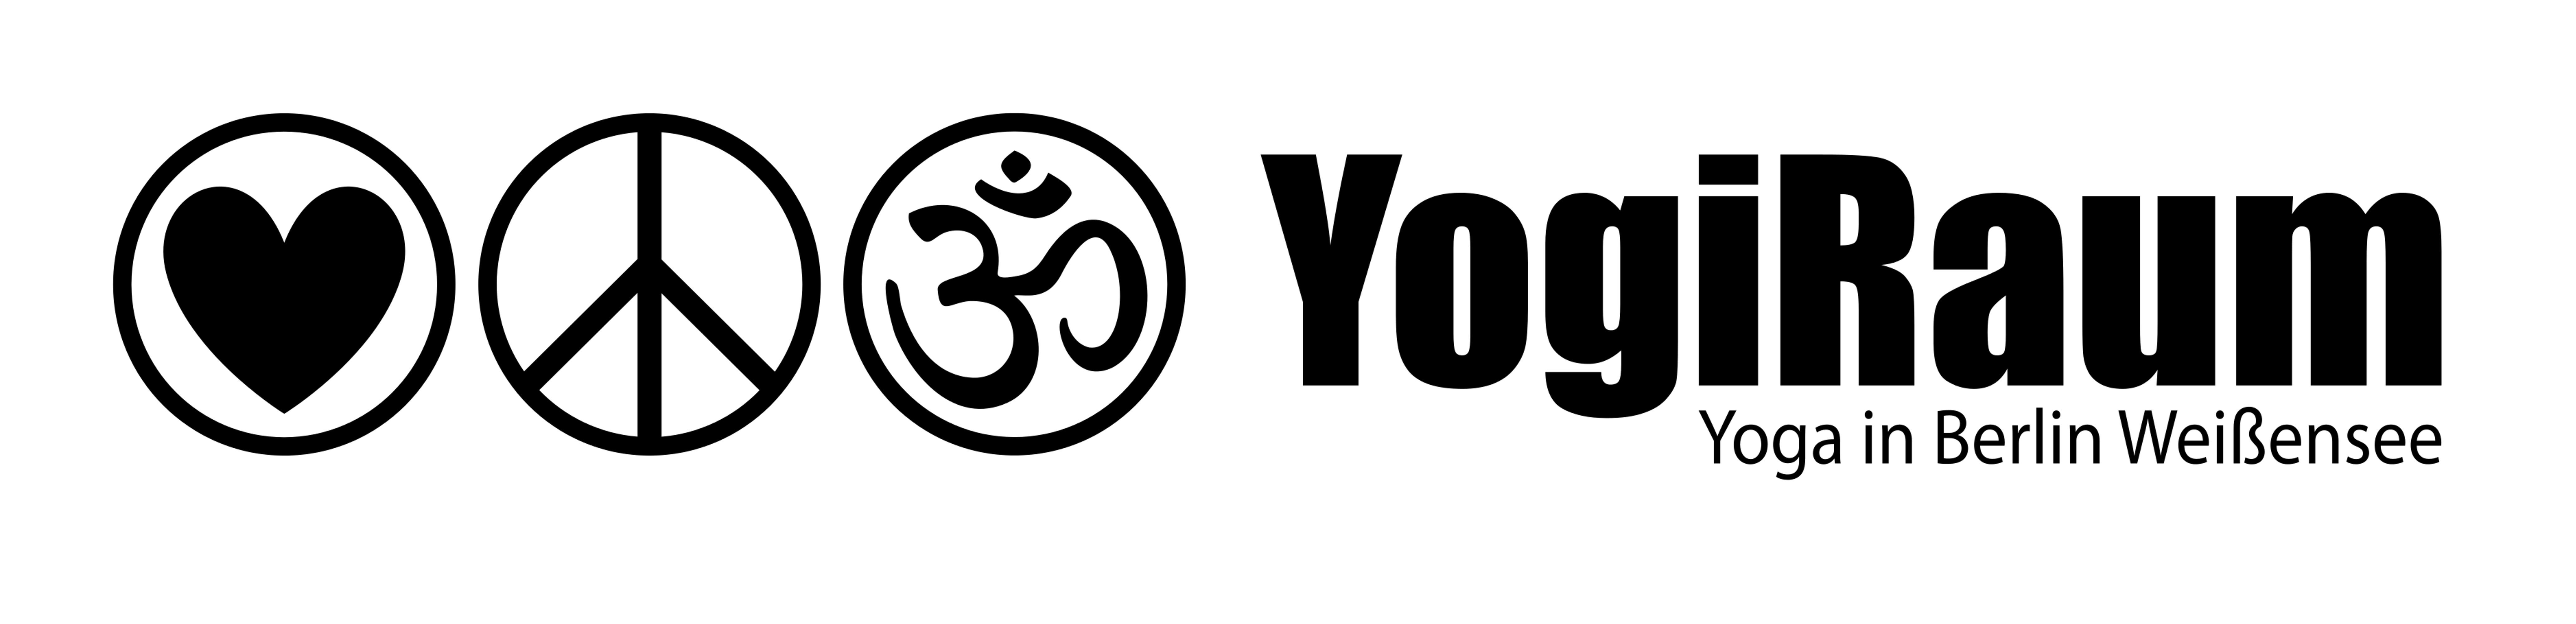 YogiRaum